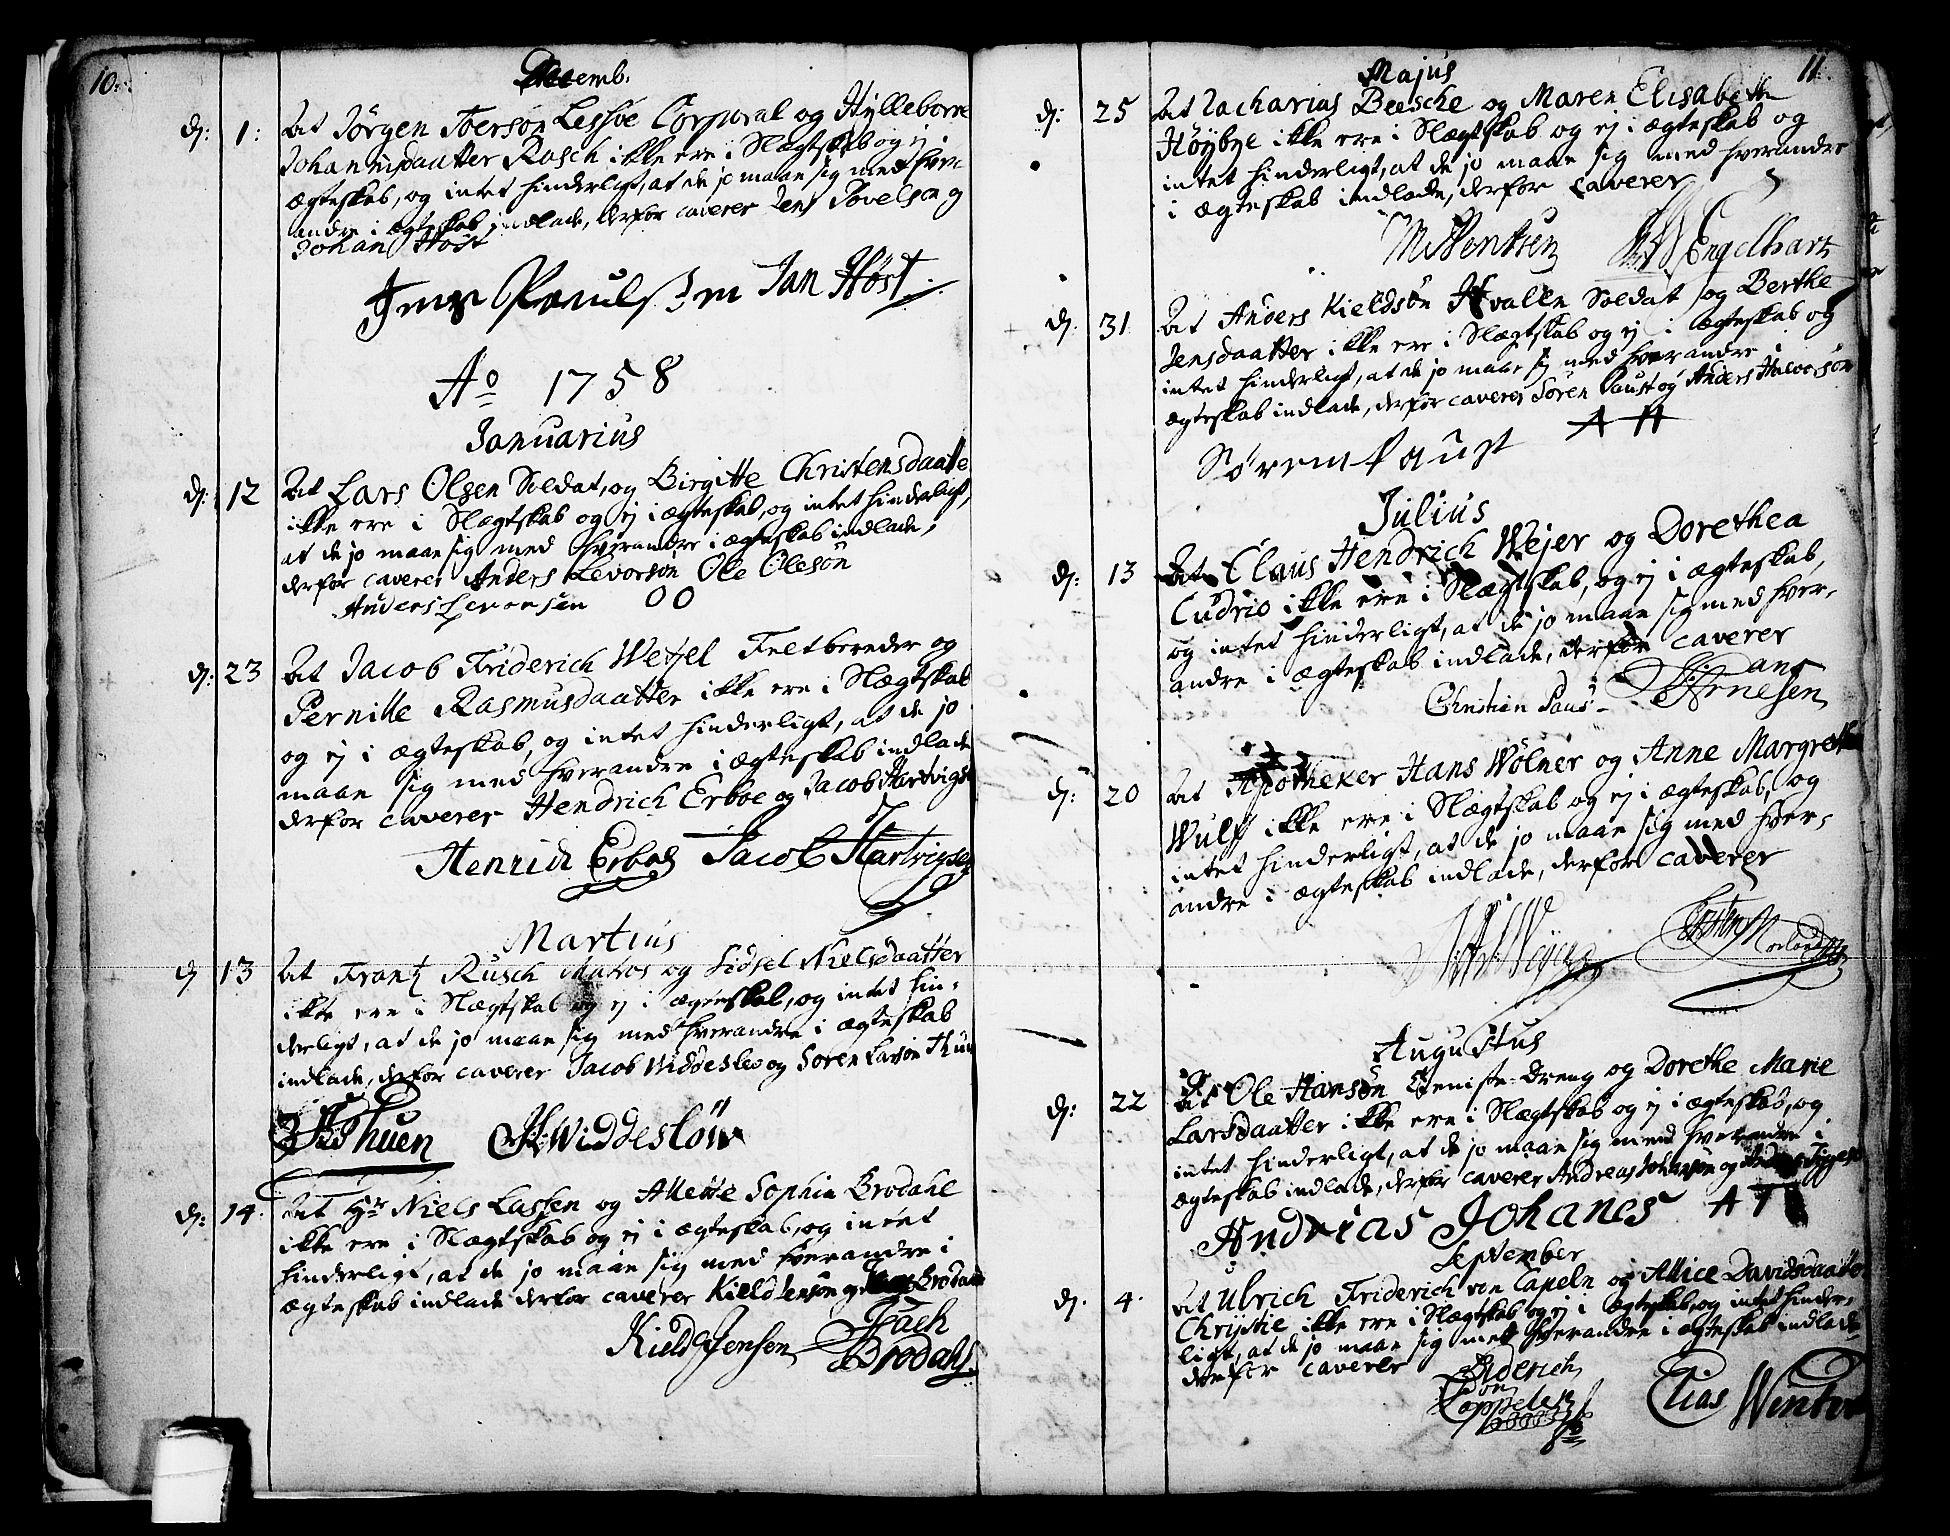 SAKO, Skien kirkebøker, F/Fa/L0003: Ministerialbok nr. 3, 1755-1791, s. 10-11